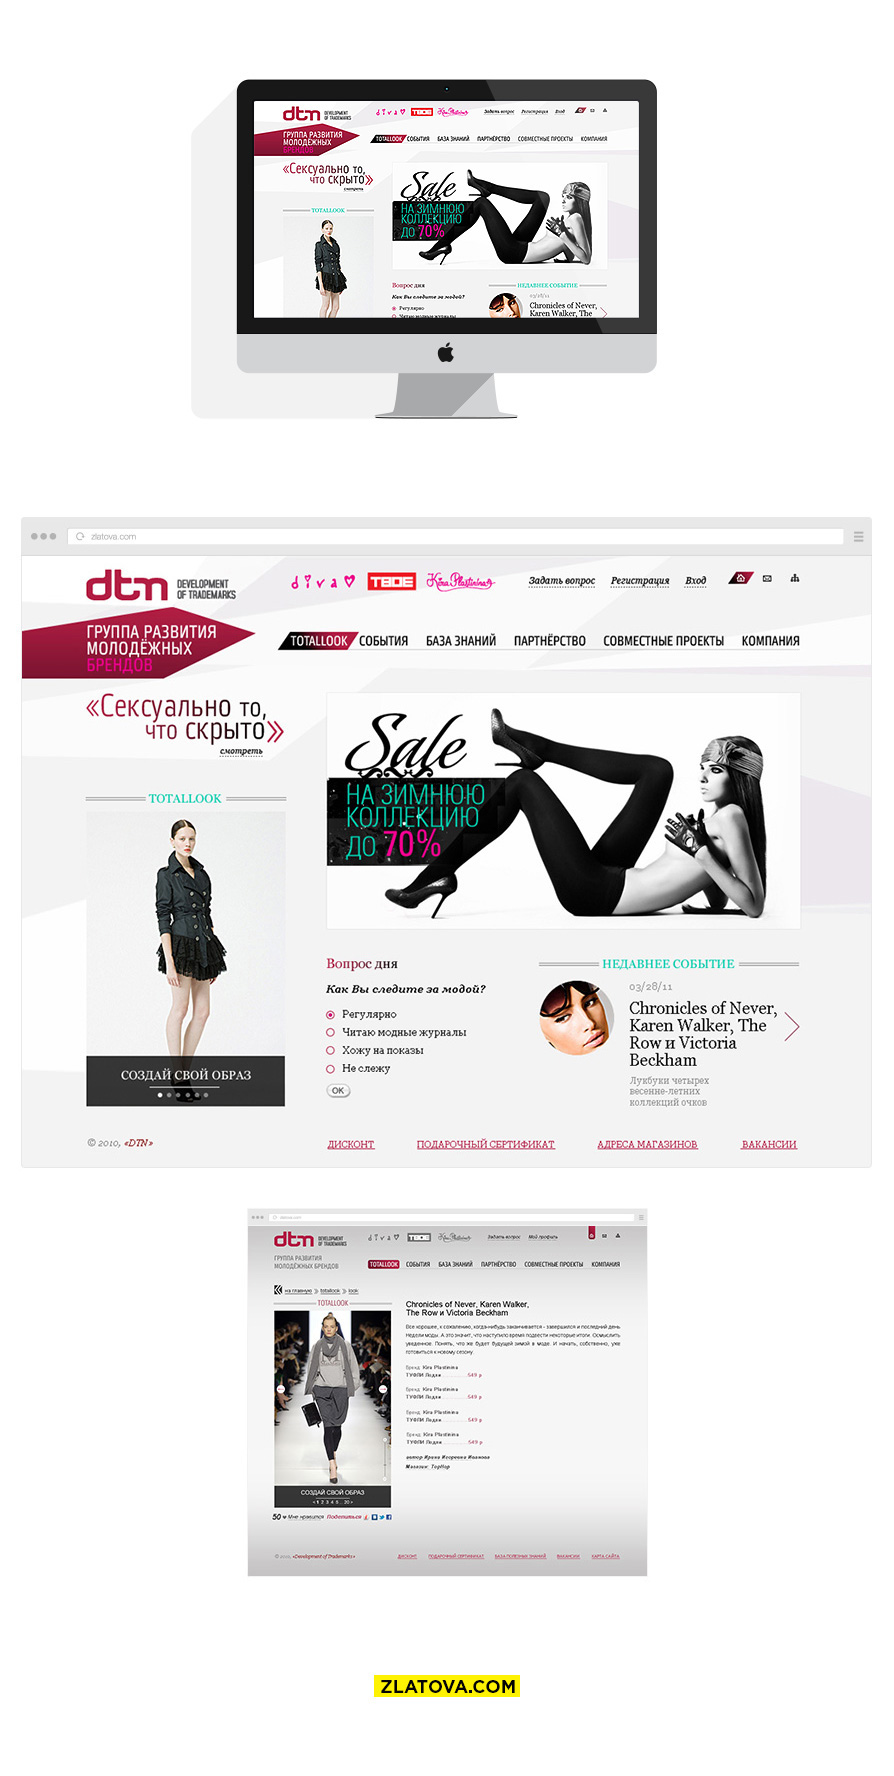 DTM — группа развития брендов